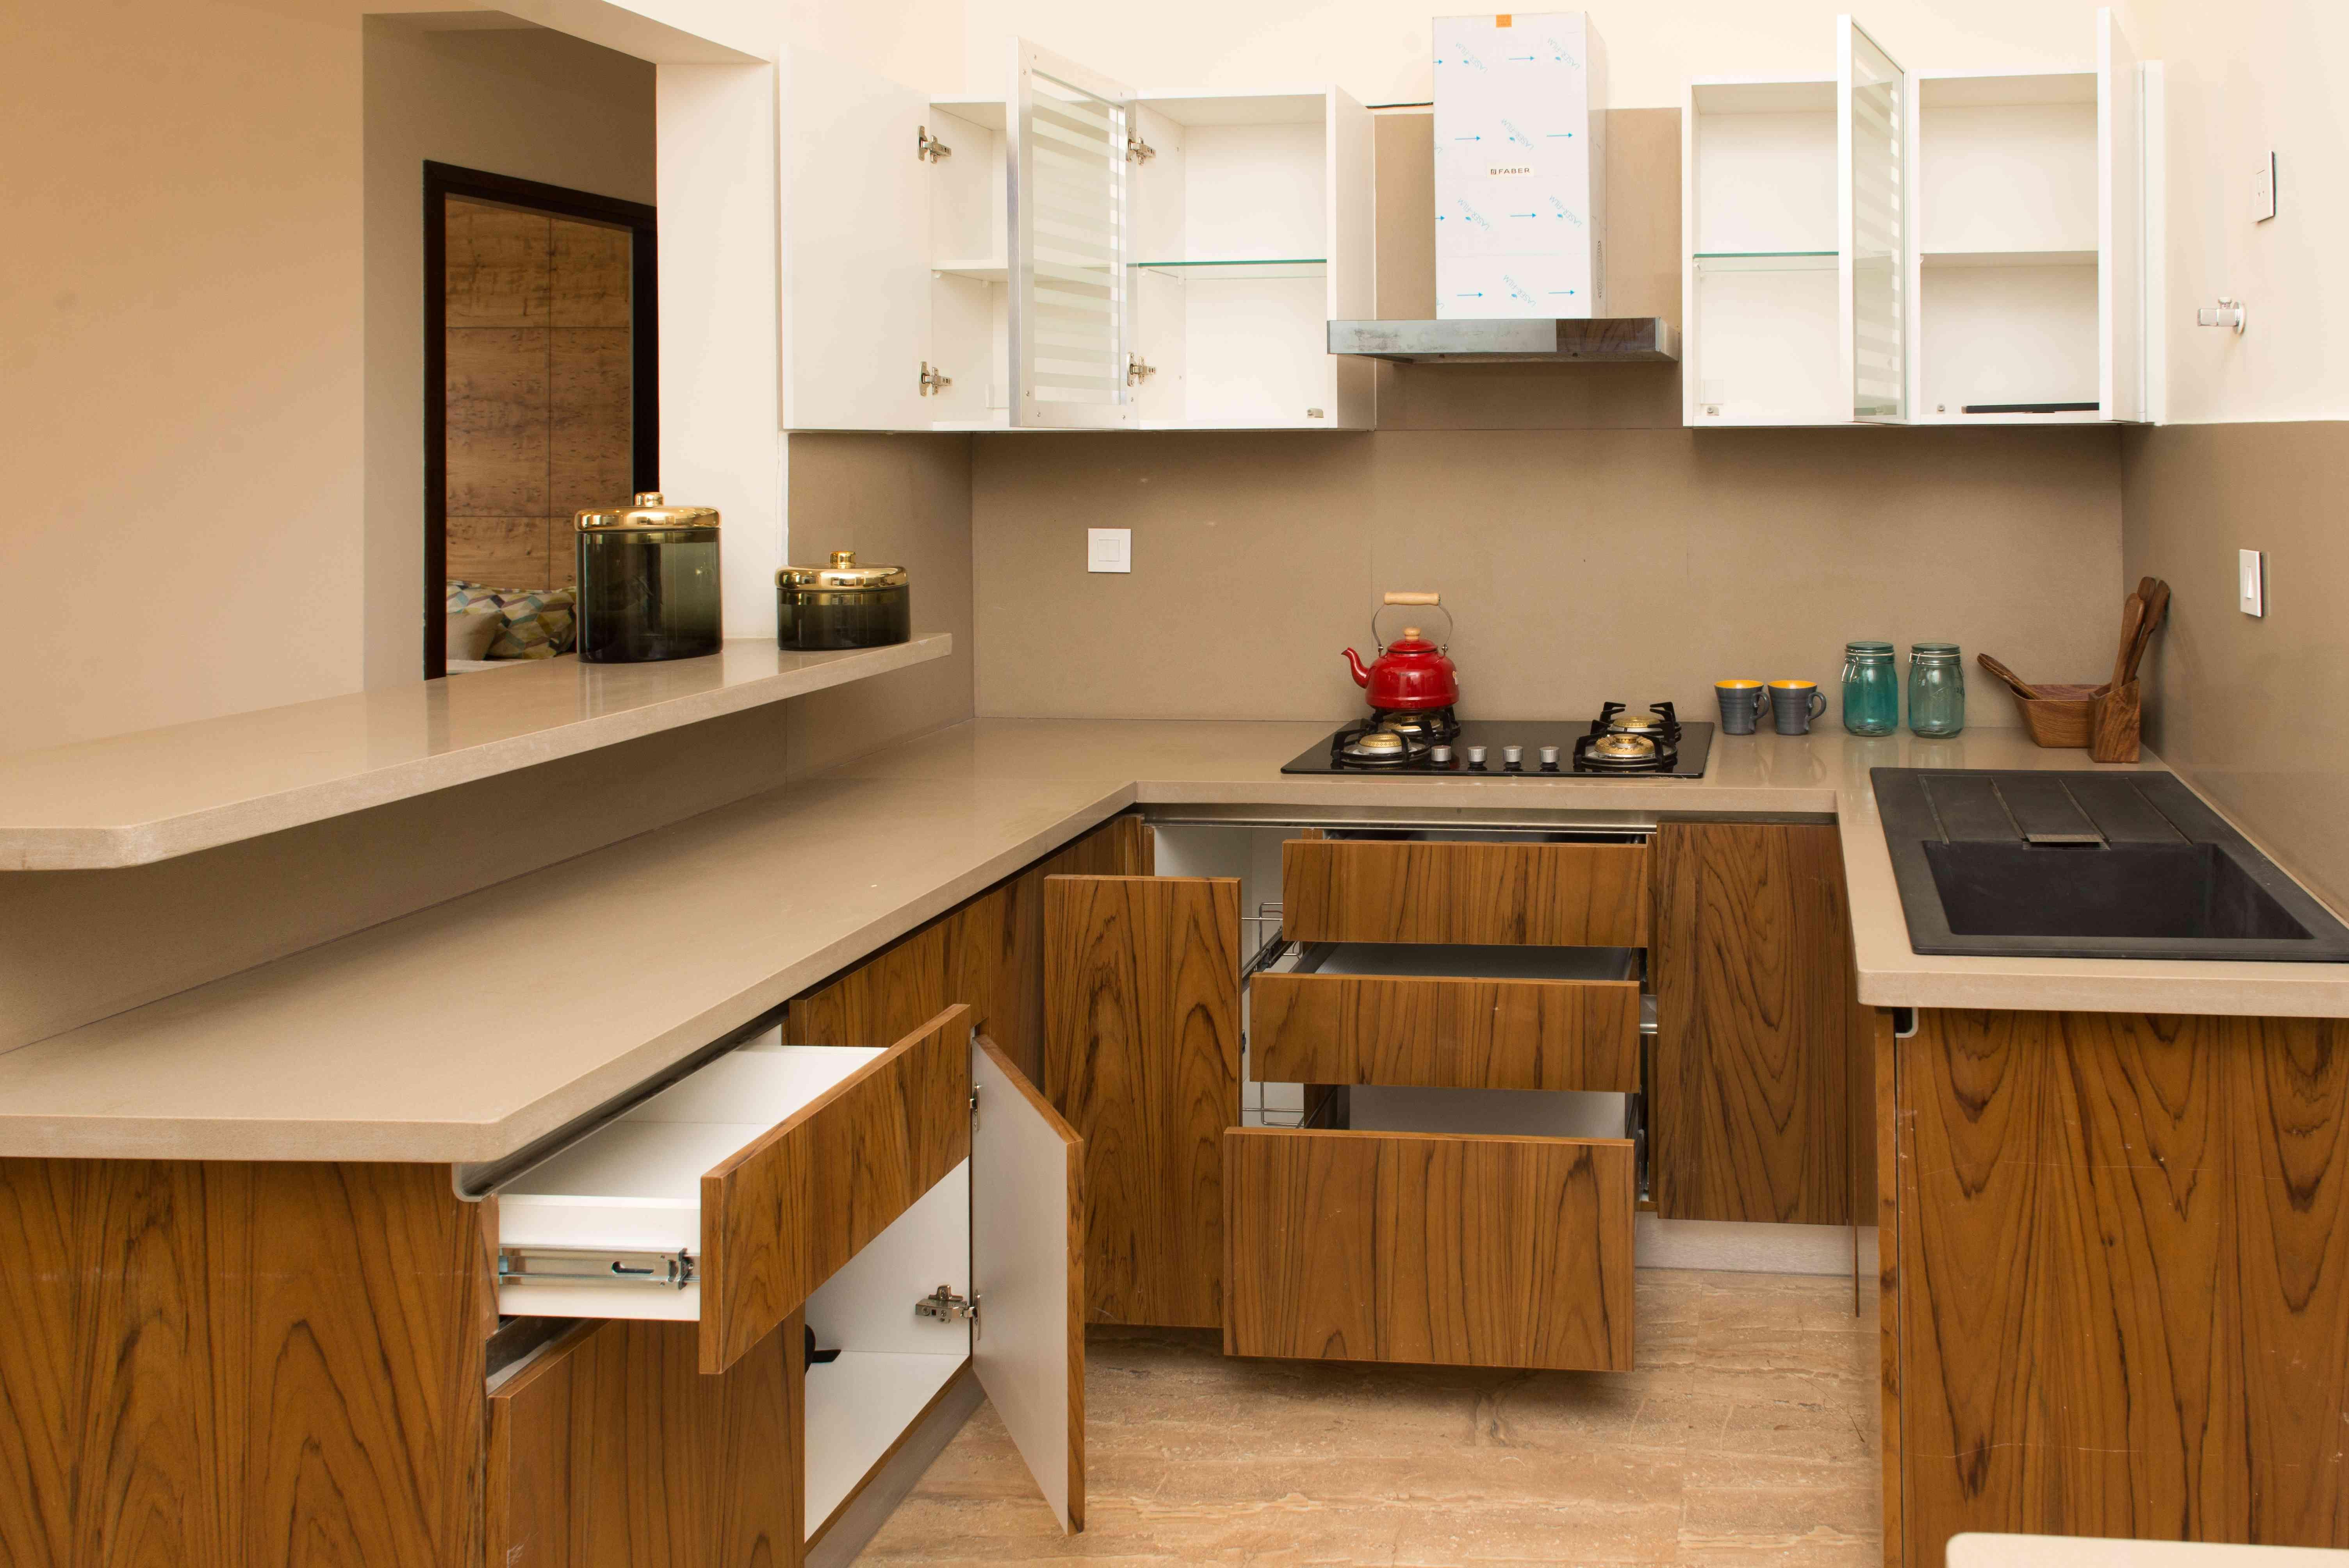 120 Best Kitchen Ideas Images In 2020 Kitchen Design Kitchen Decor Kitchen Interior